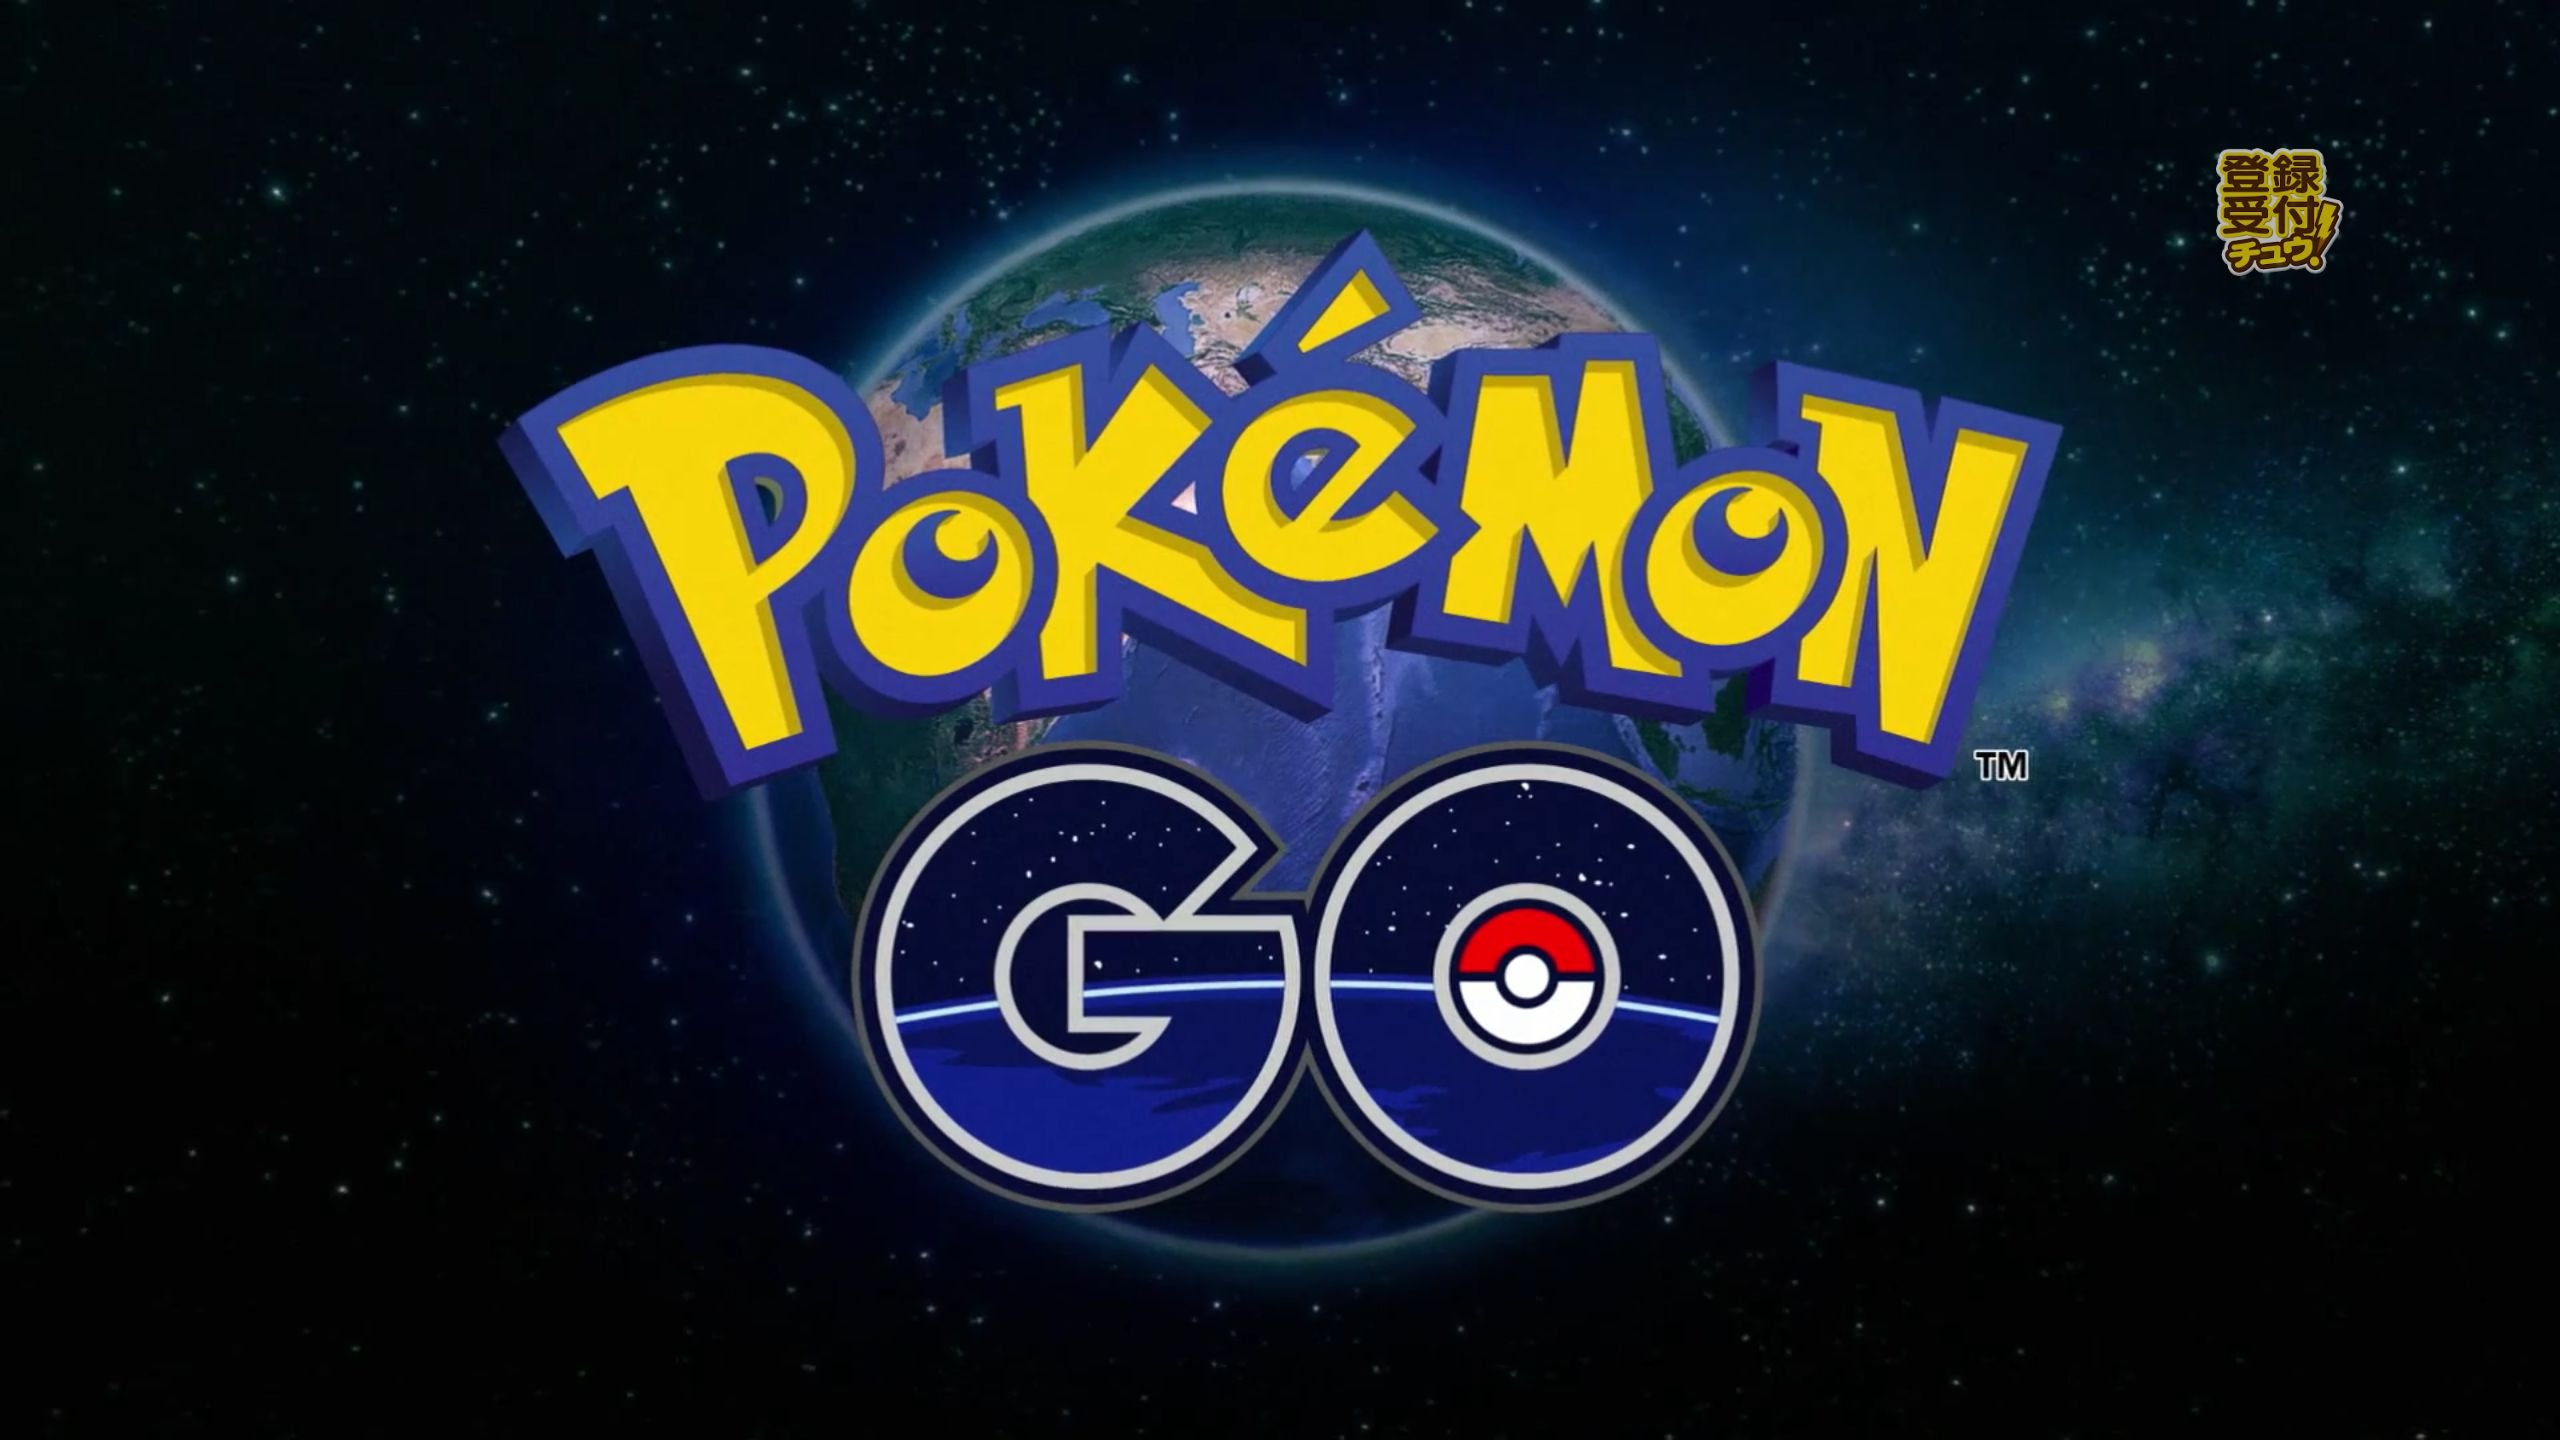 Como o Pokémon Go ganhou meu coração em menos de 24 horas | AndroidPIT